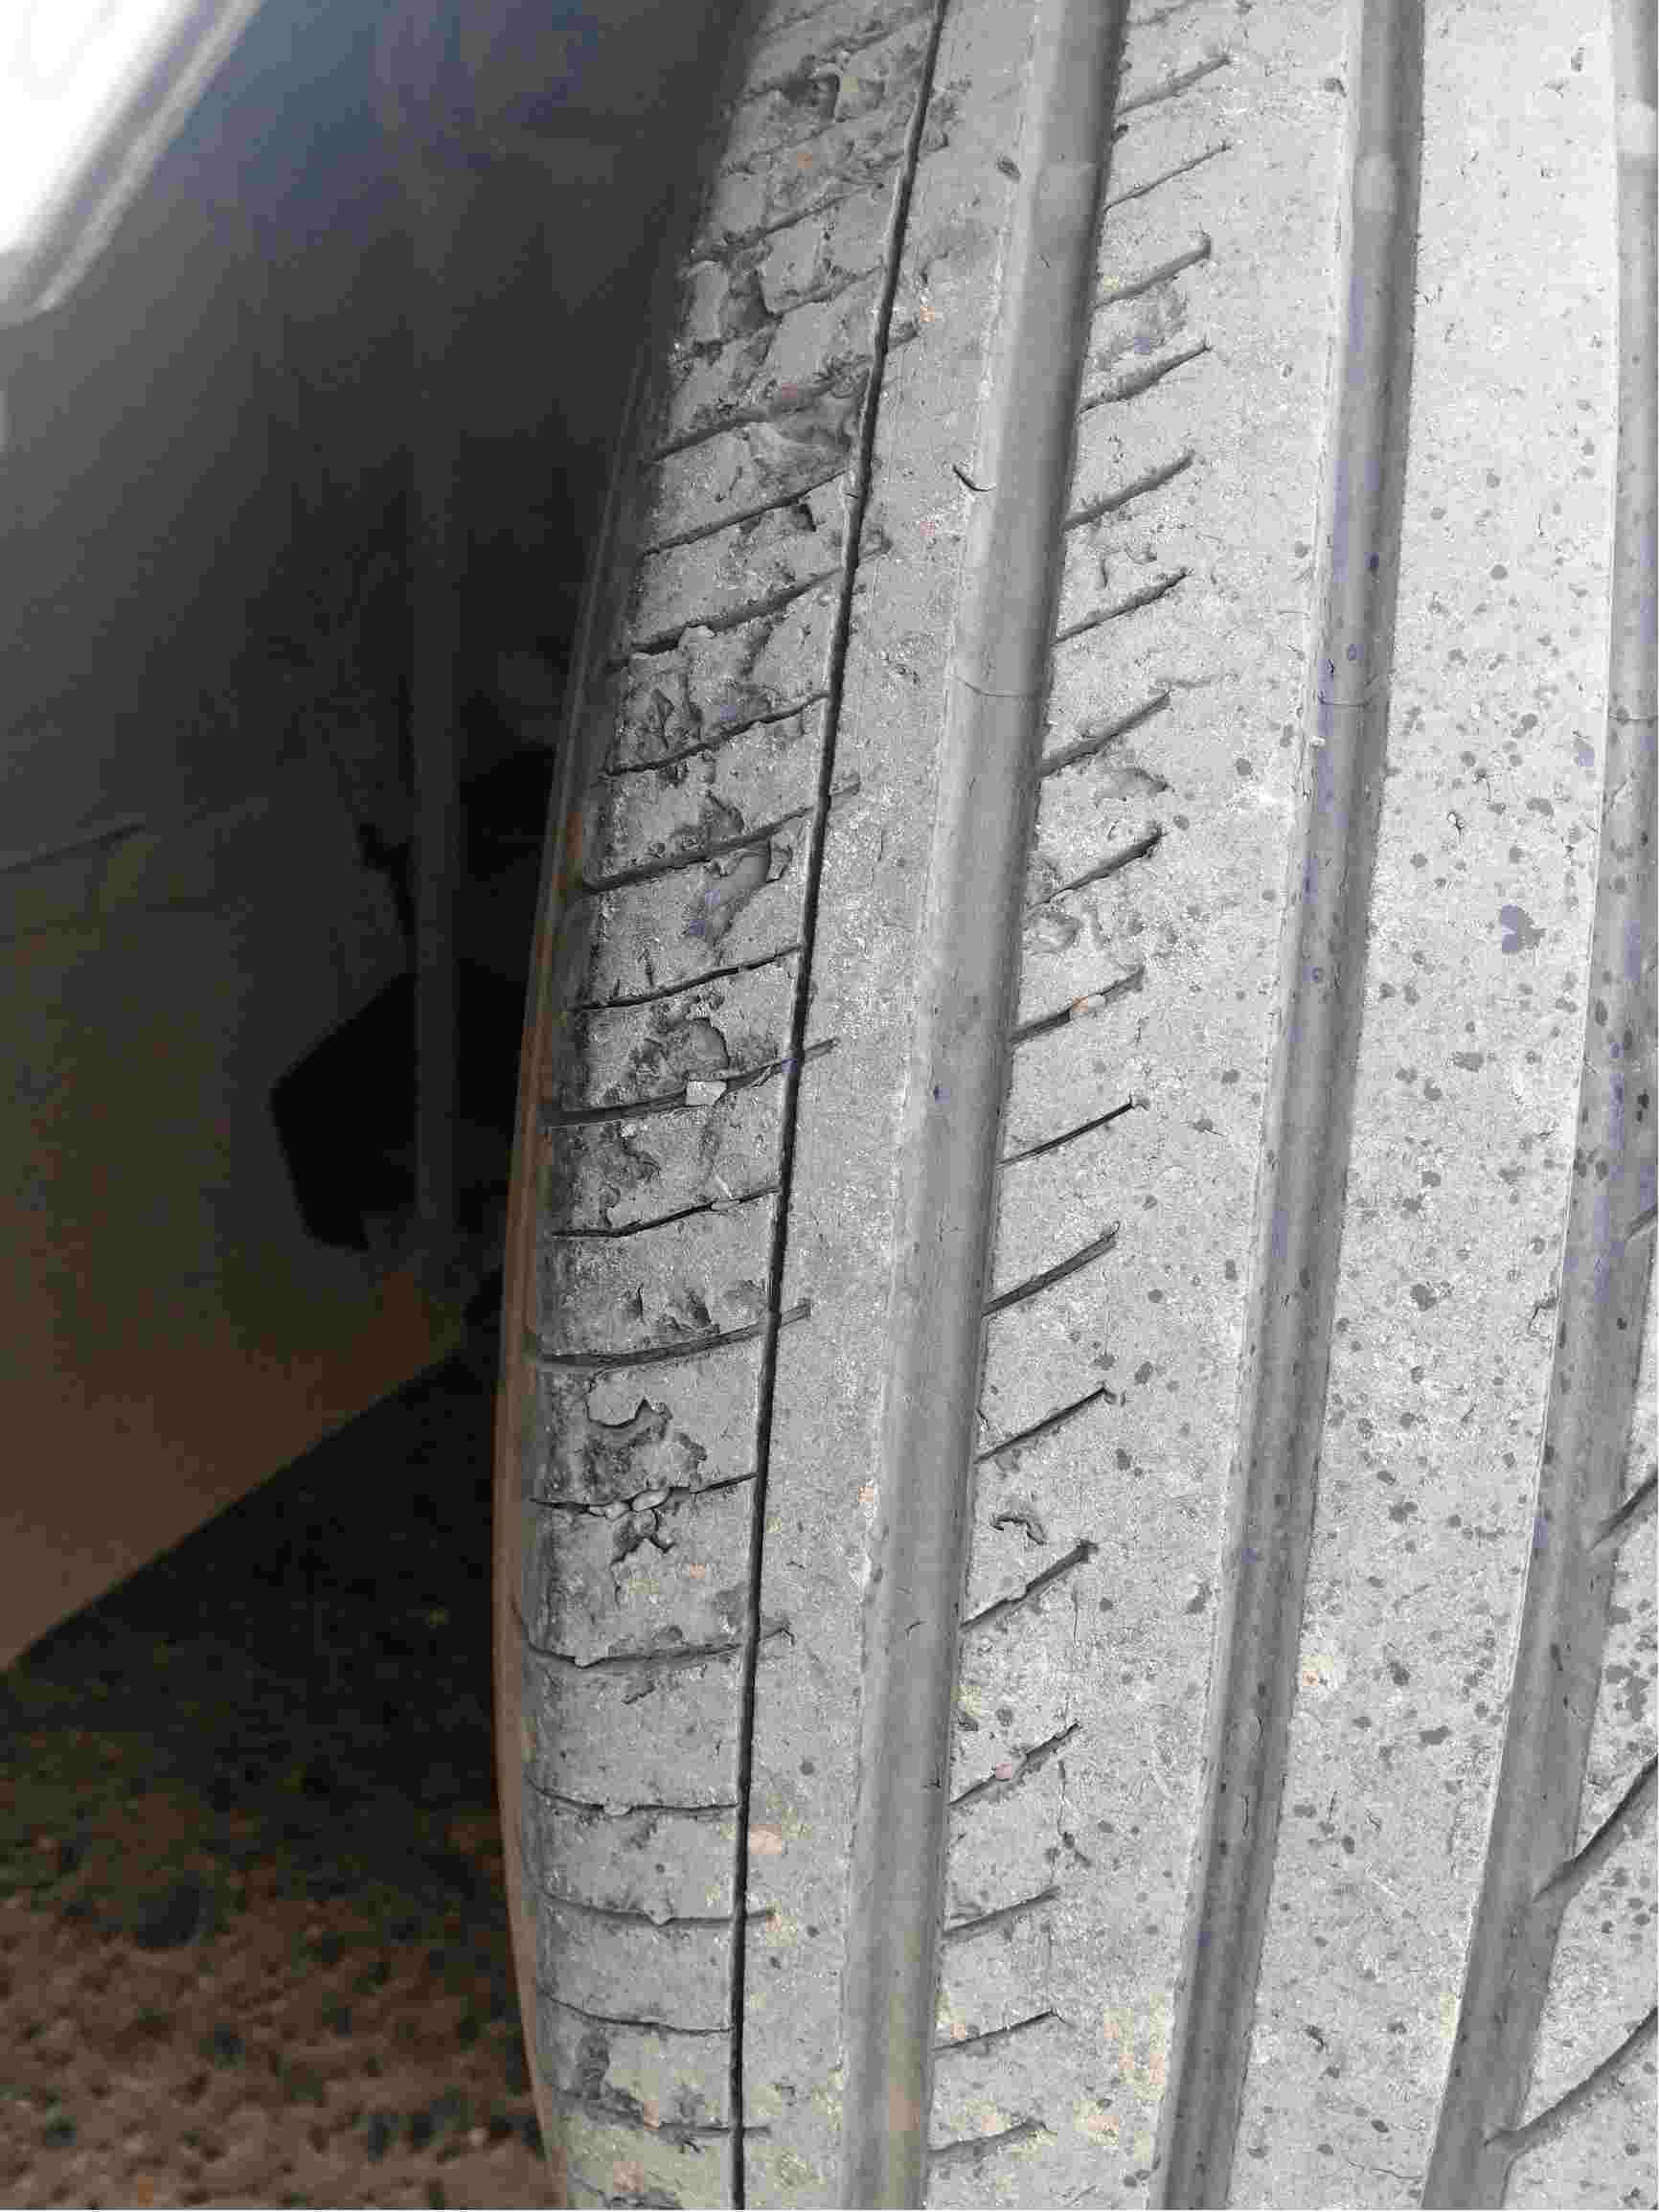 汽车行驶3万公里,4个轮胎掉块